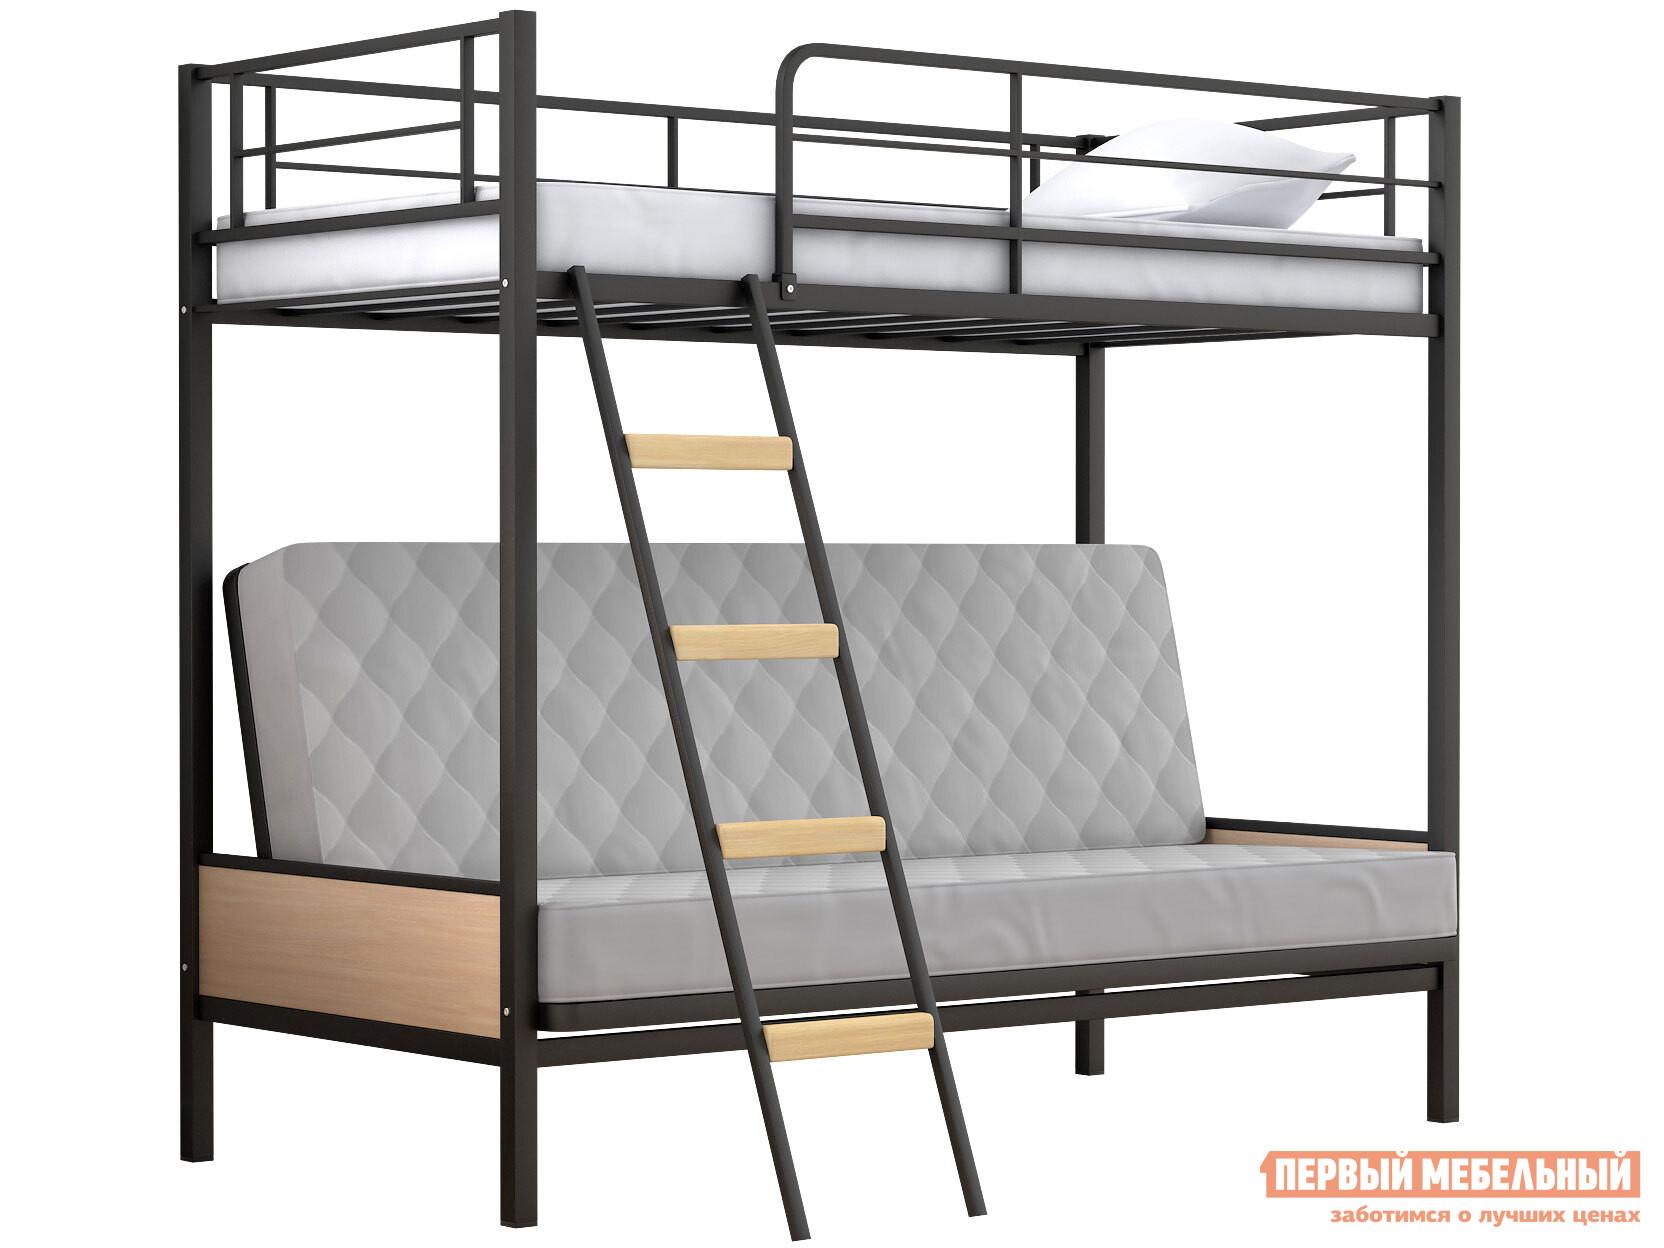 Кровать  Двухъярусная детская кровать Дакар 2 Черный / Дуб молочный — Двухъярусная детская кровать Дакар 2 Черный / Дуб молочный